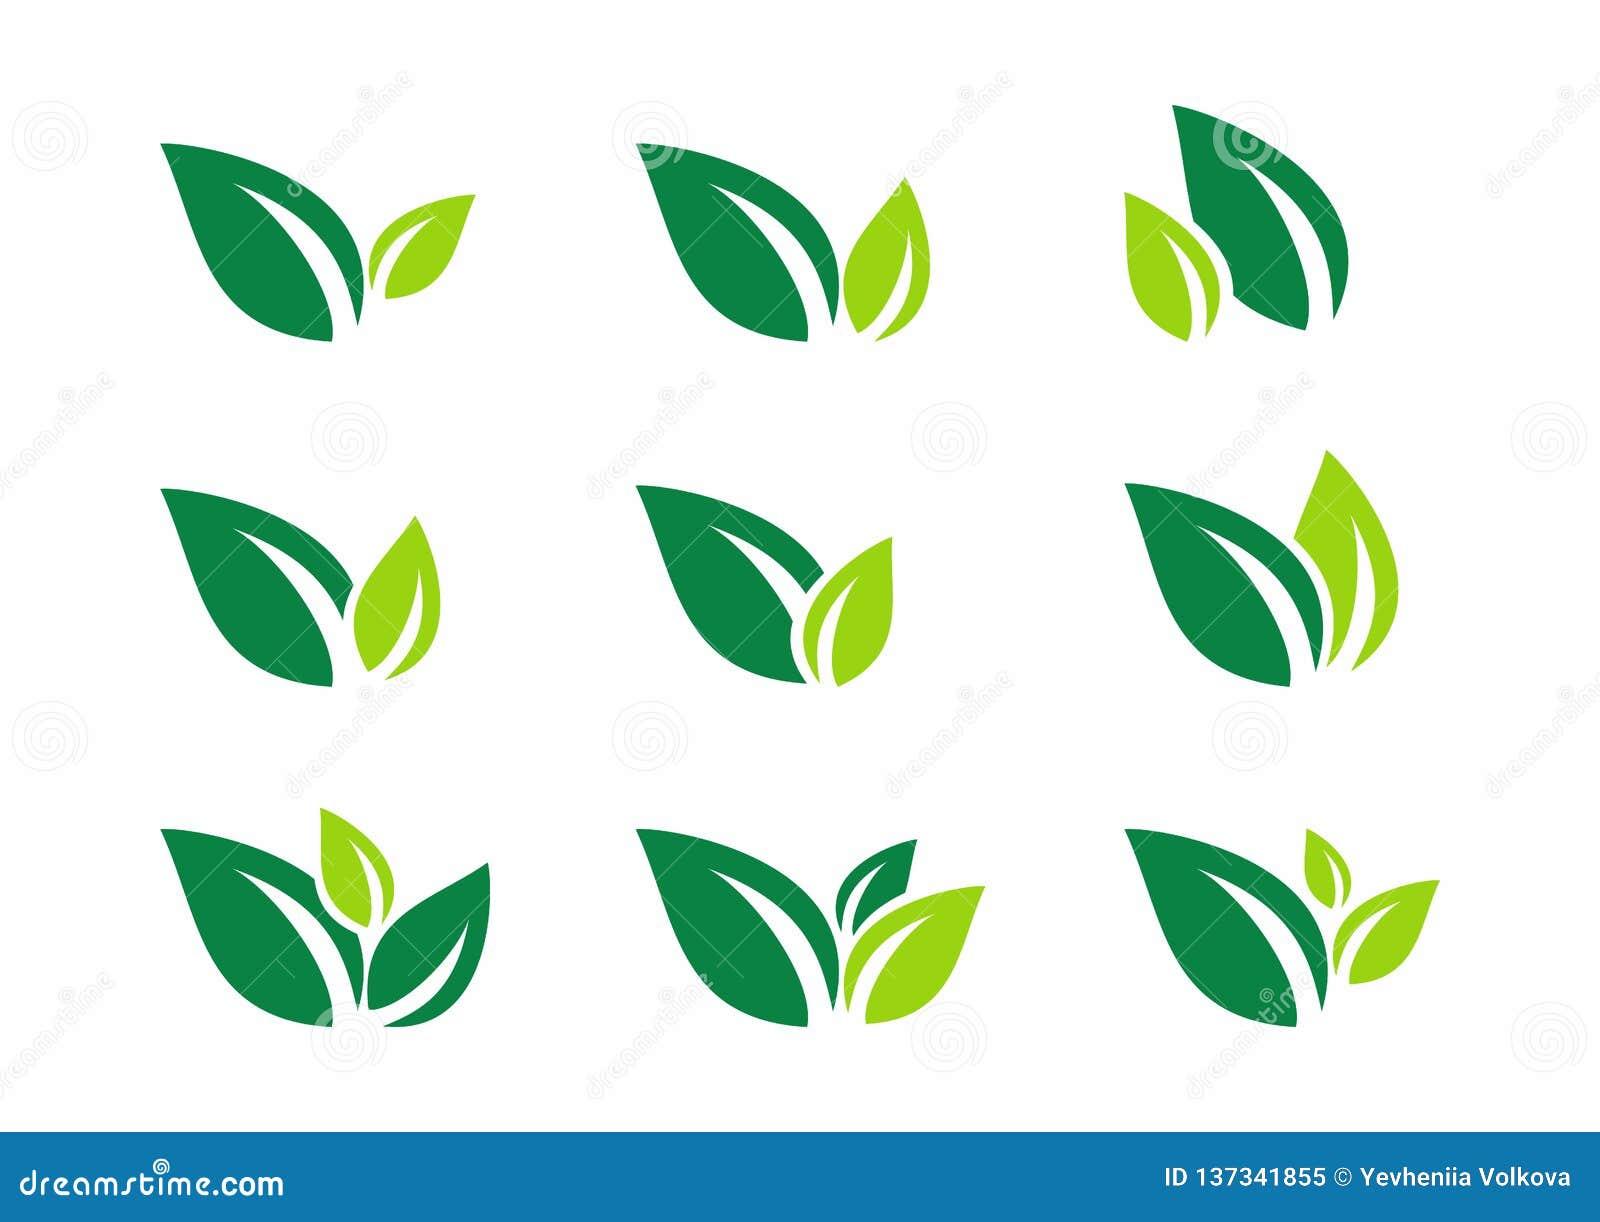 叶子,植物,商标,生态,健康,绿色,叶子,自然标志传染媒介设计象套